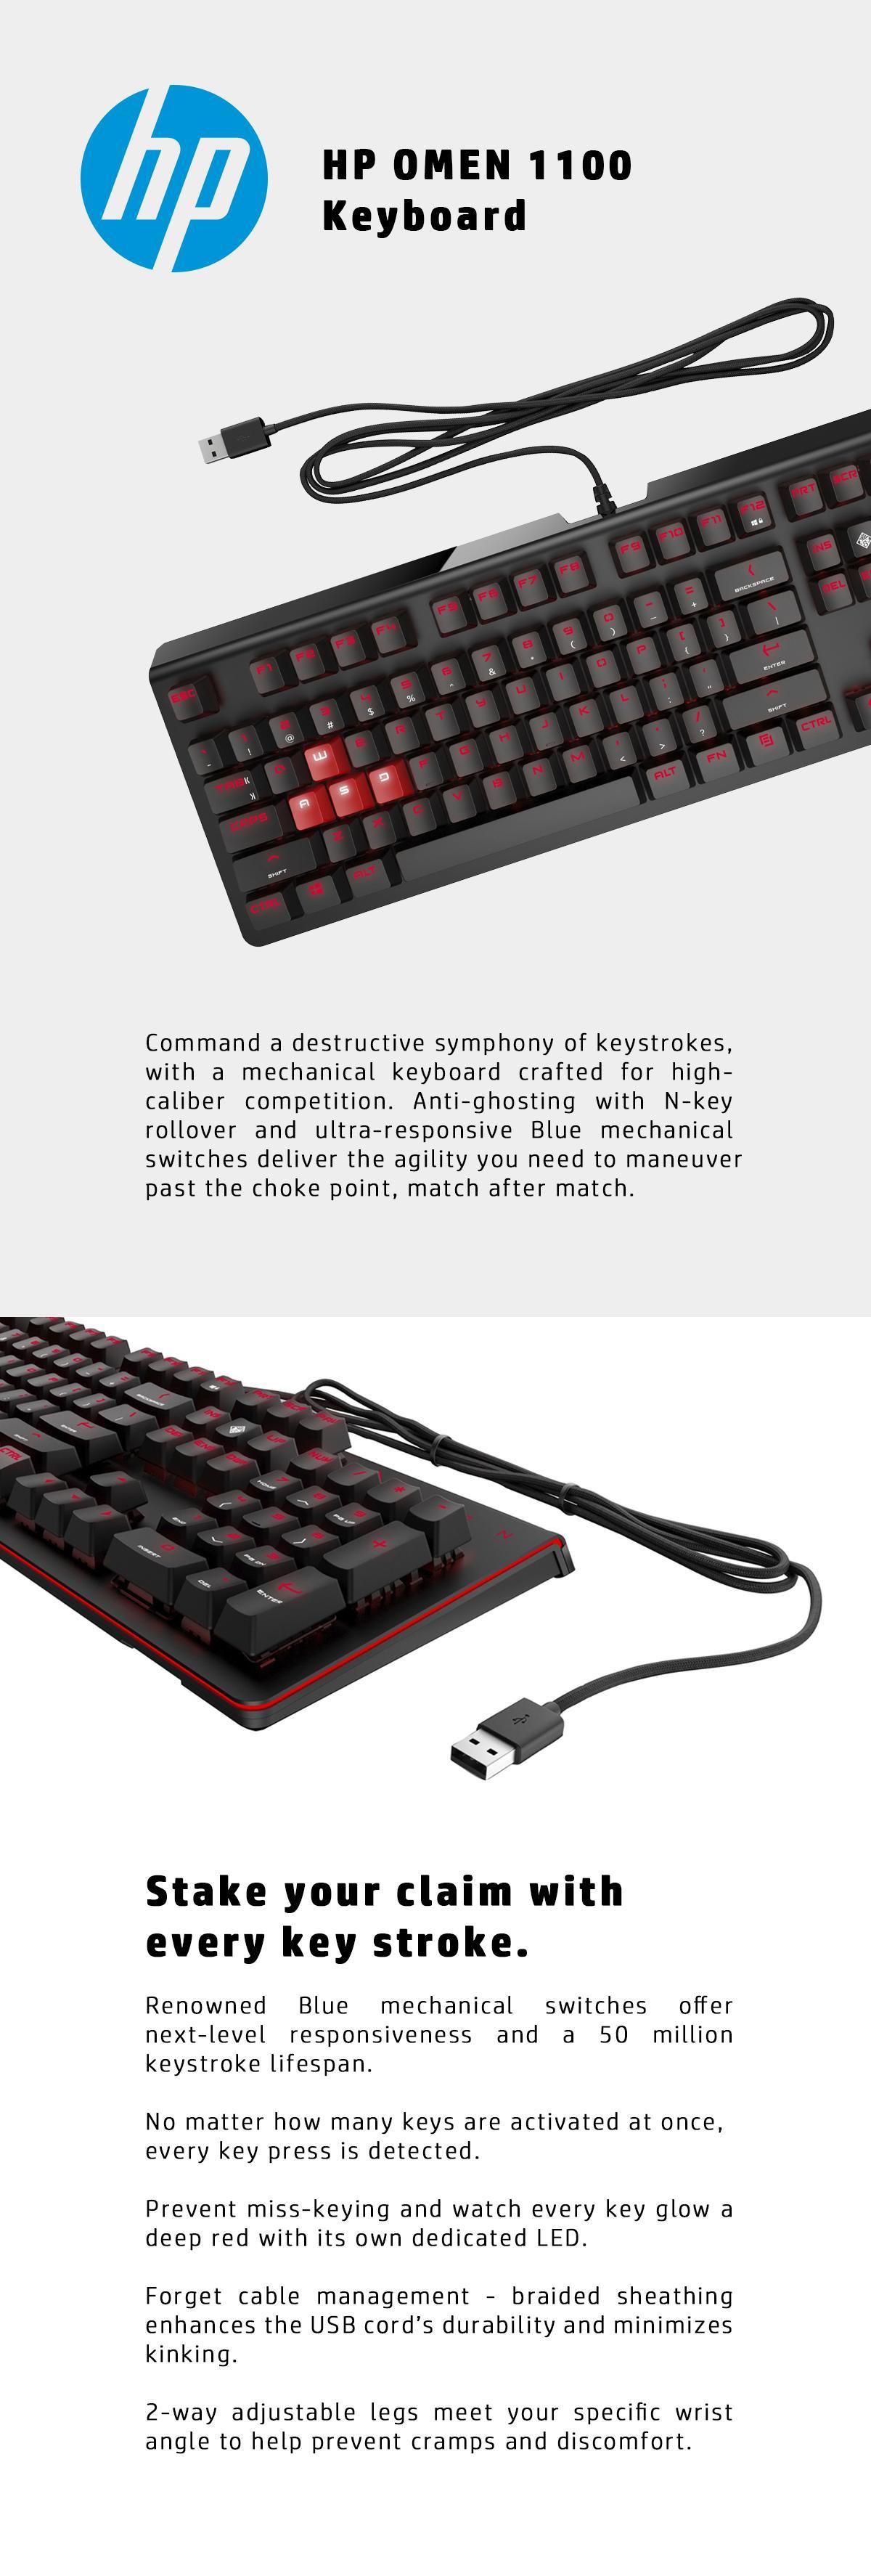 OMEN 1100 Keyboard.png